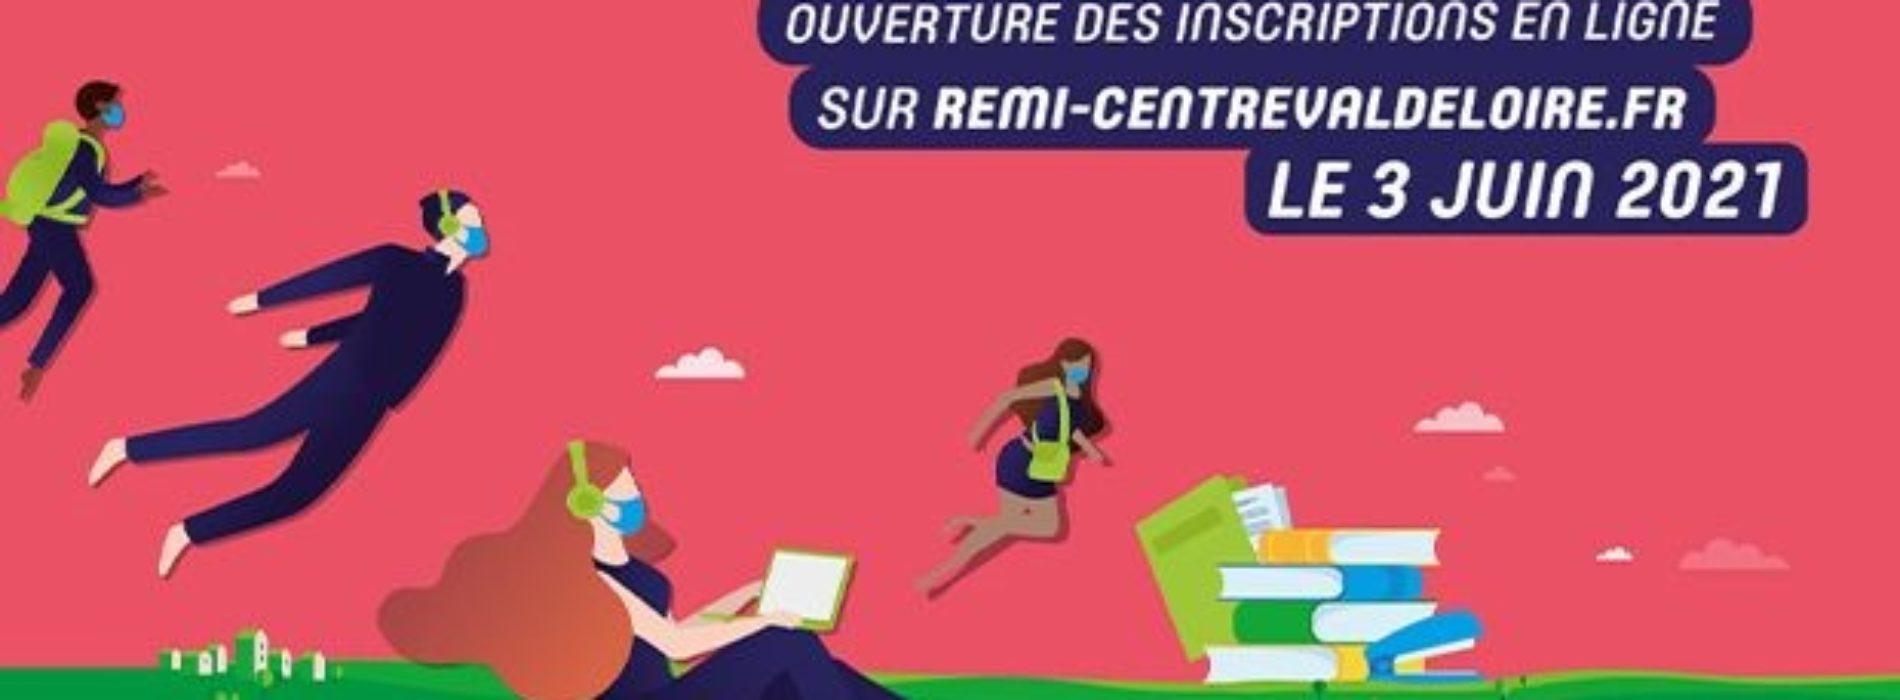 Transports scolaires Rémi : les inscriptions sont ouvertes !